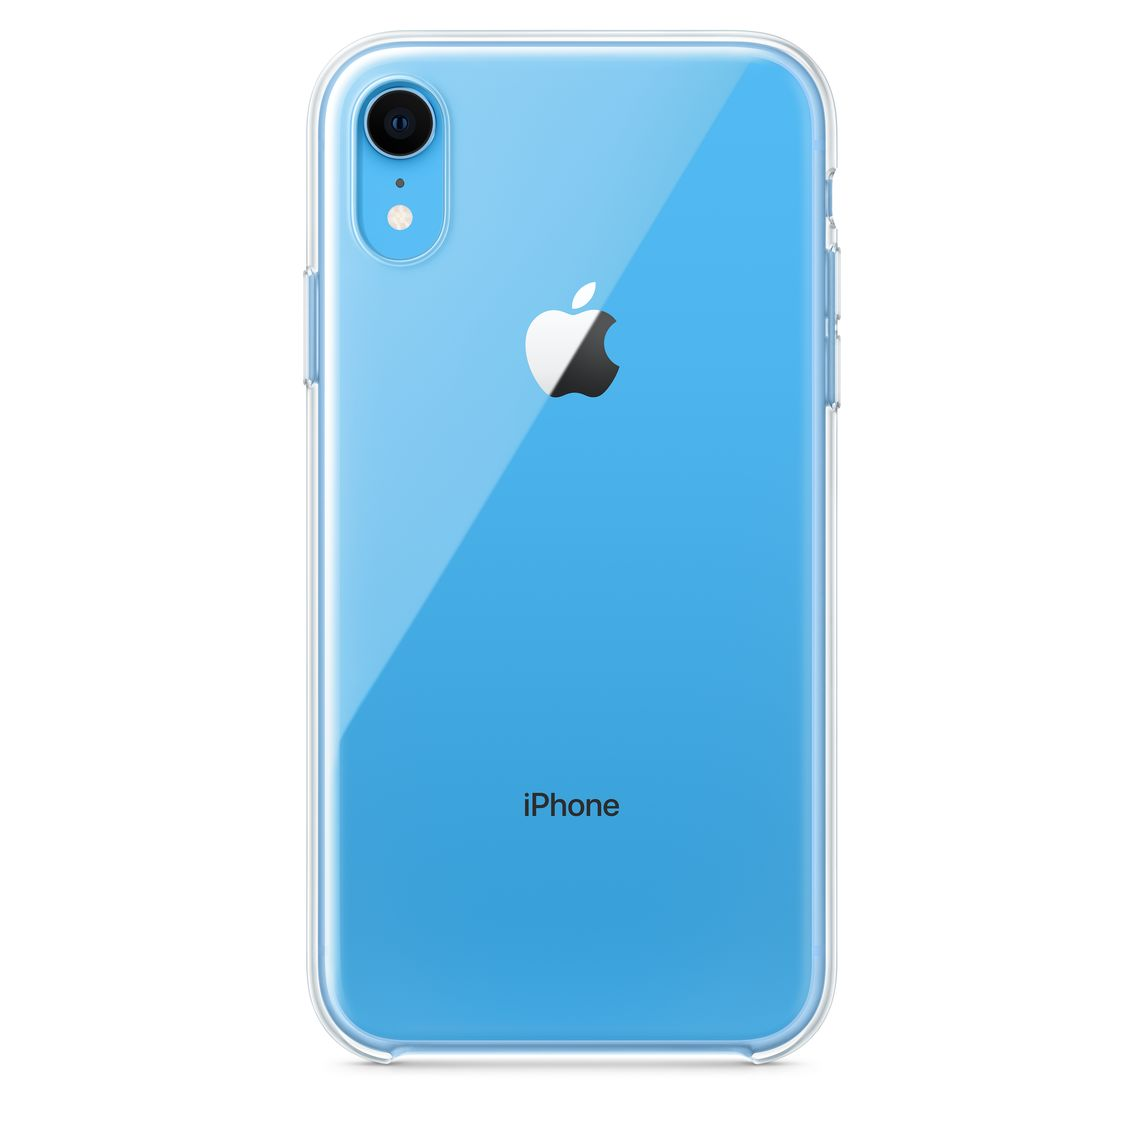 Crystal Cover iPhone 6 przezroczysty